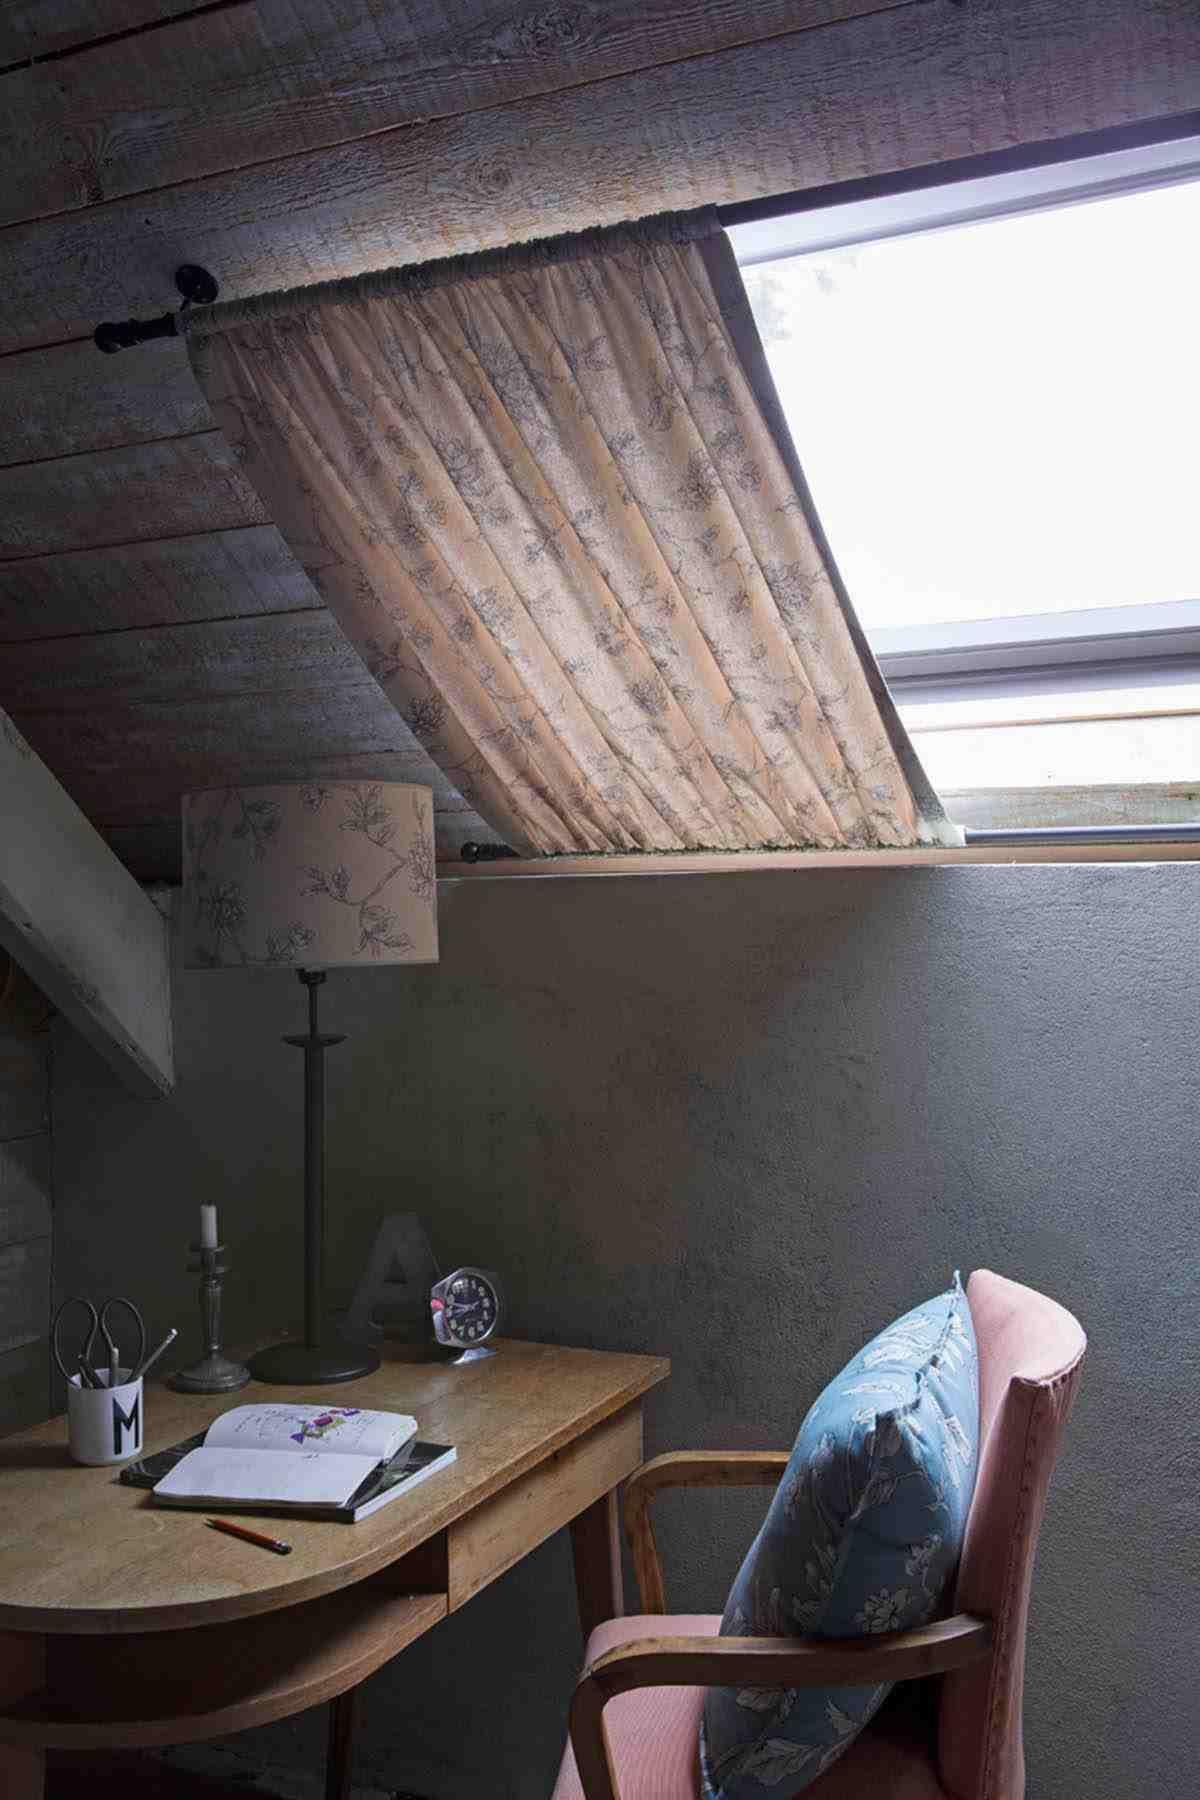 Comment Habiller Un Velux Avec Des Rideaux rideaux coulisses design idée chambre fenetre de toit   idée